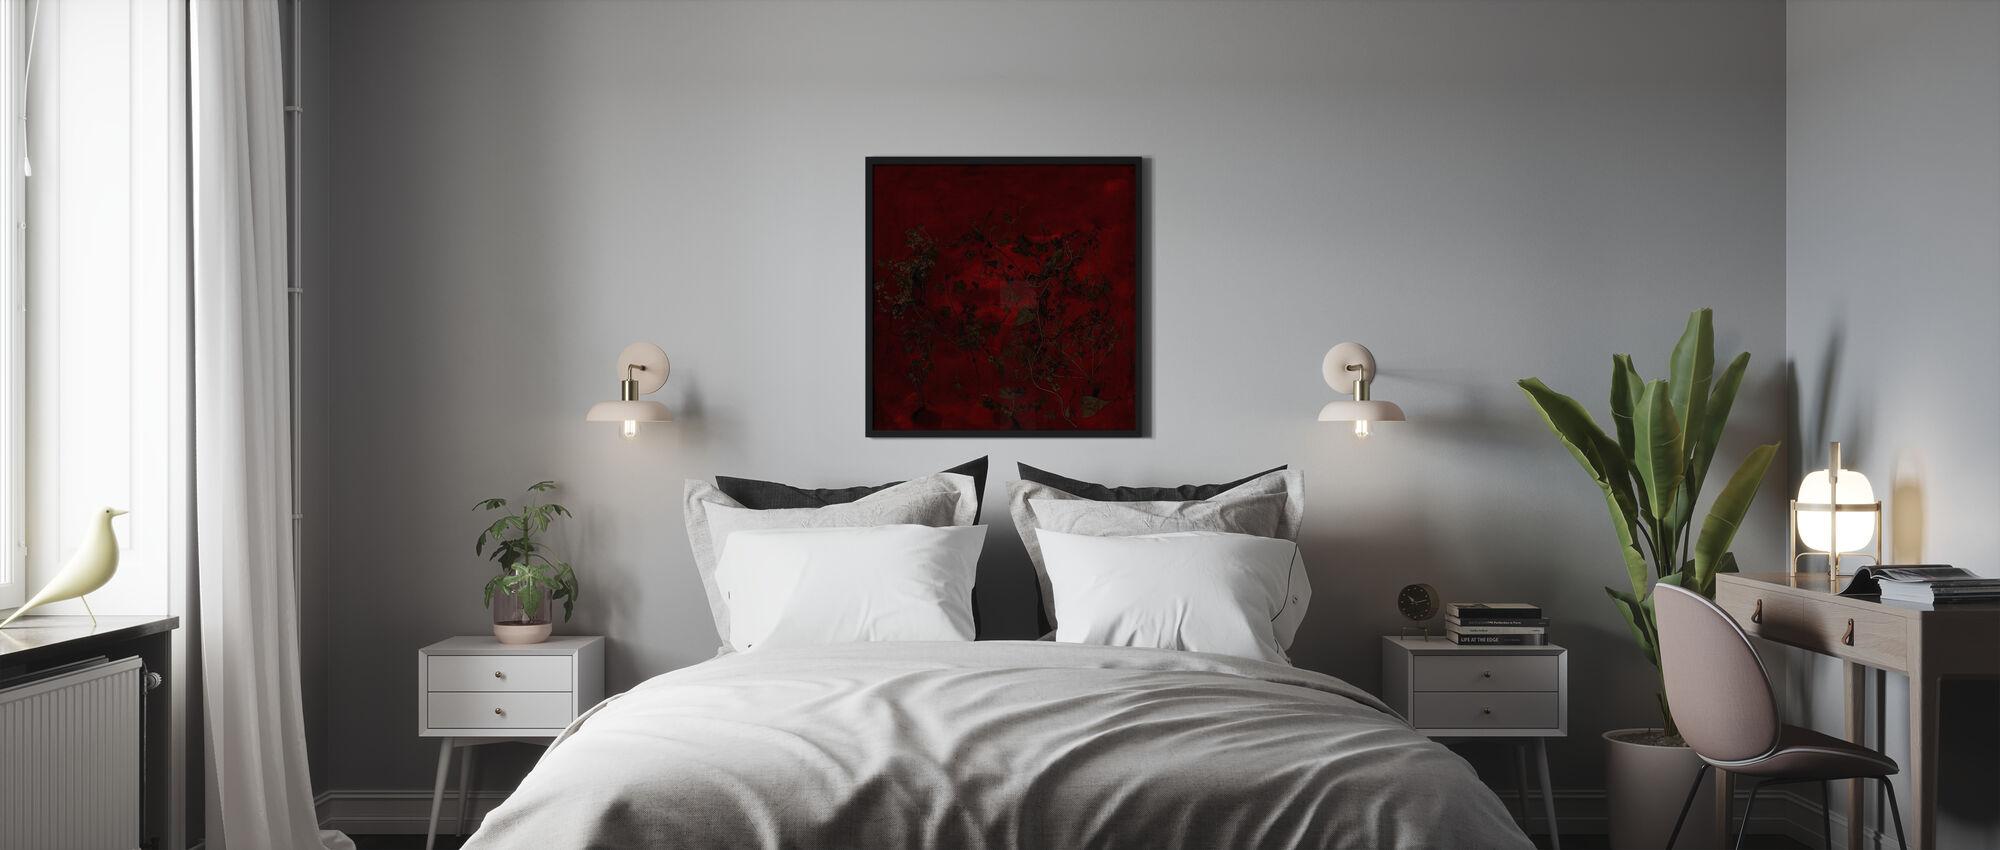 Nacht-Garten - Gerahmtes bild - Schlafzimmer